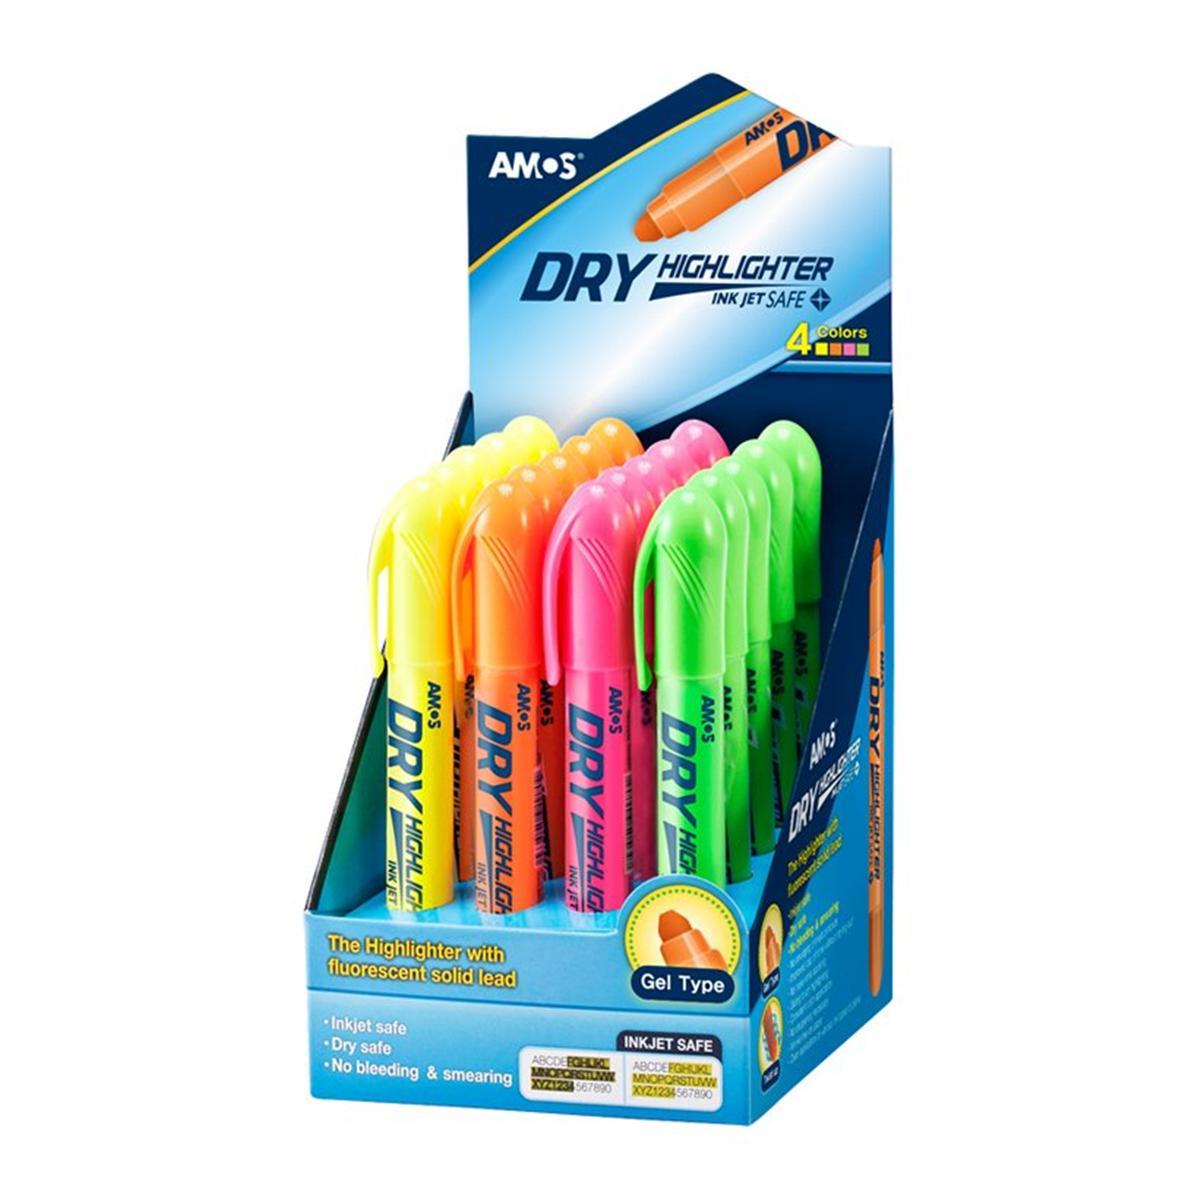 Hộp 20 Bút Nhớ Dòng Amos Dry Highlighter-HLD20DP